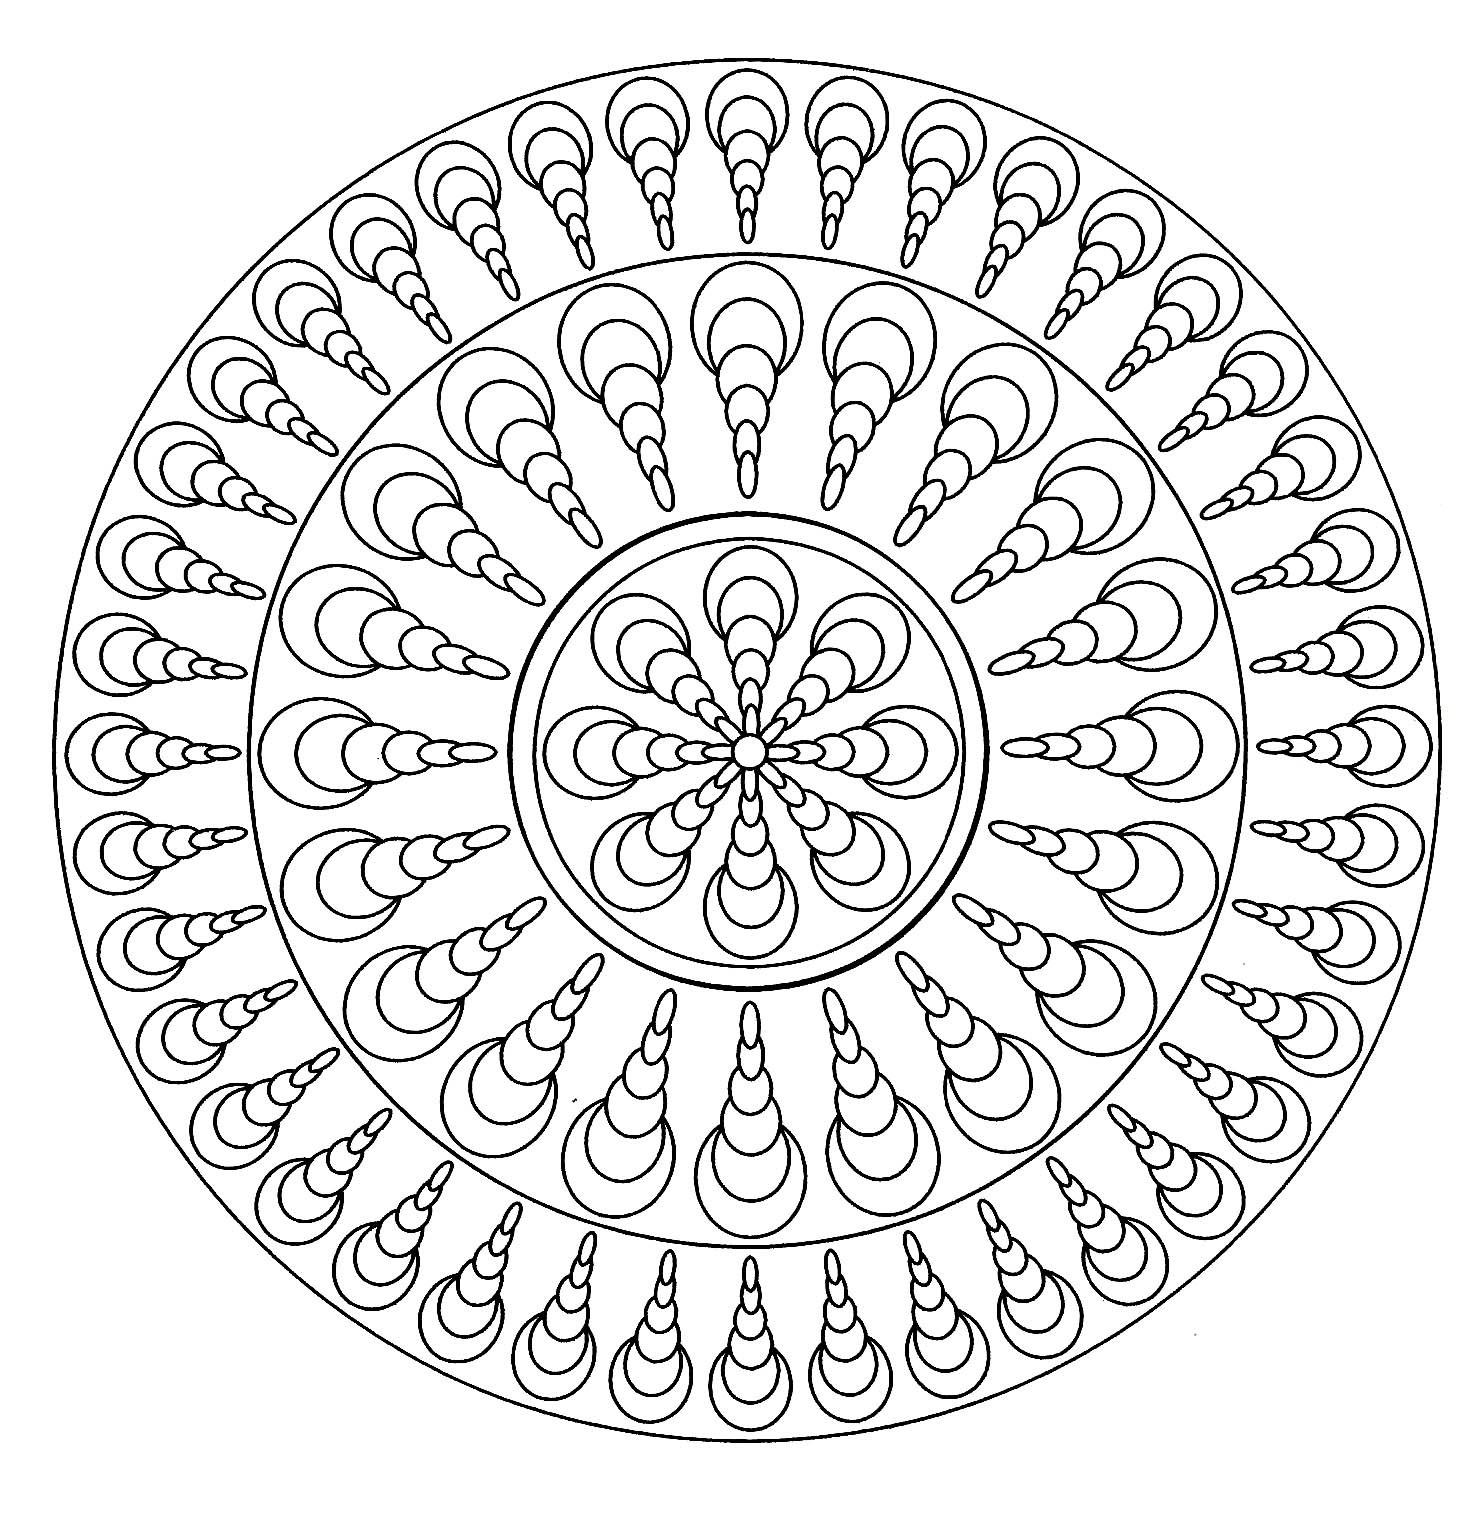 Coloriage Mandala Adulte Facile | Coloriages À Imprimer Gratuits encequiconcerne Mandala À Imprimer Facile